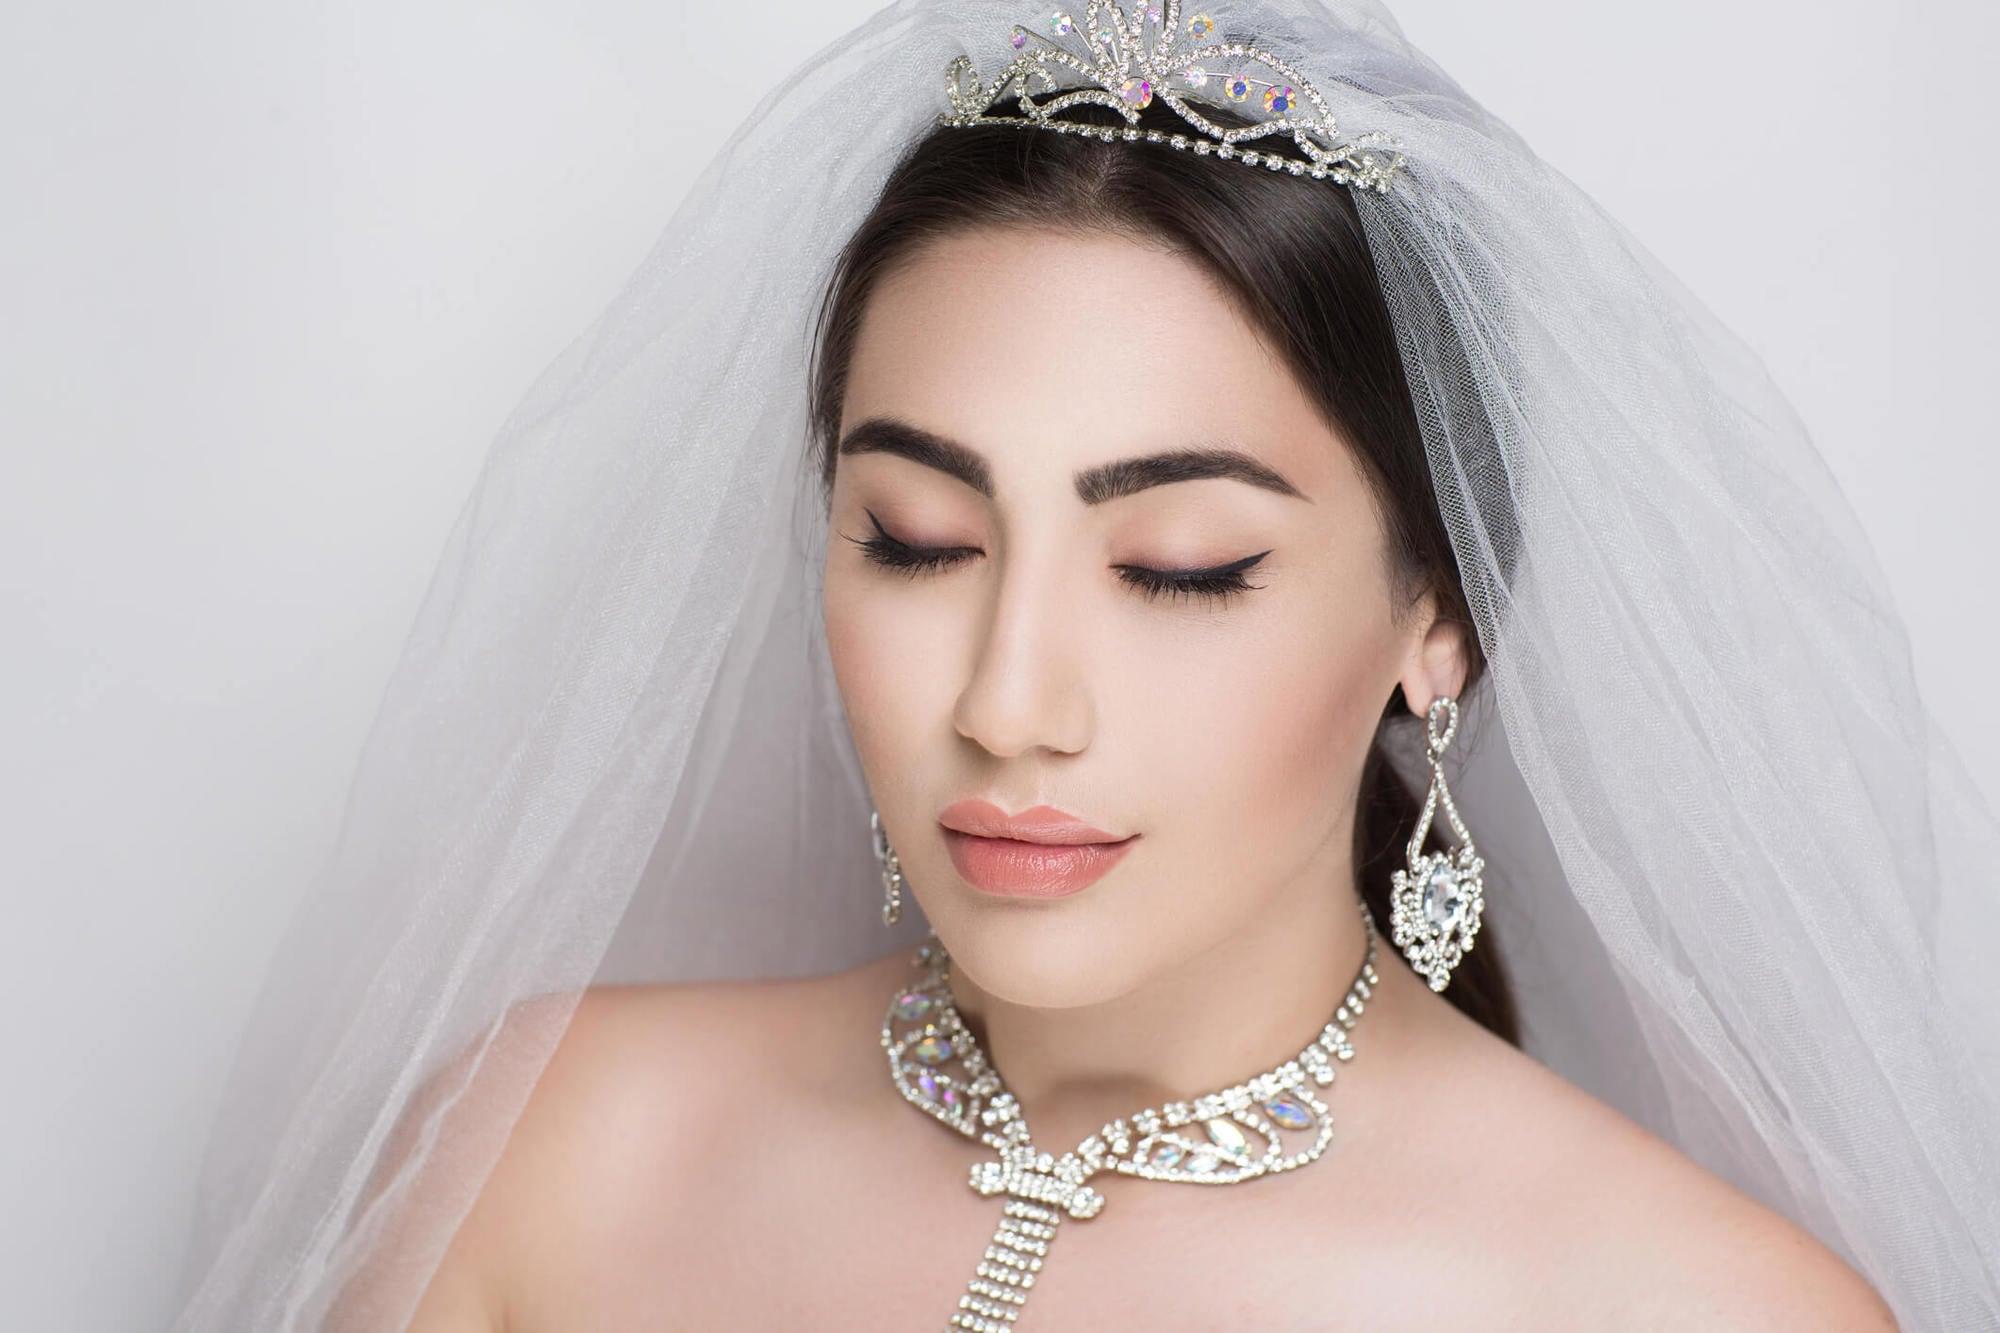 Peinados para novia con velo